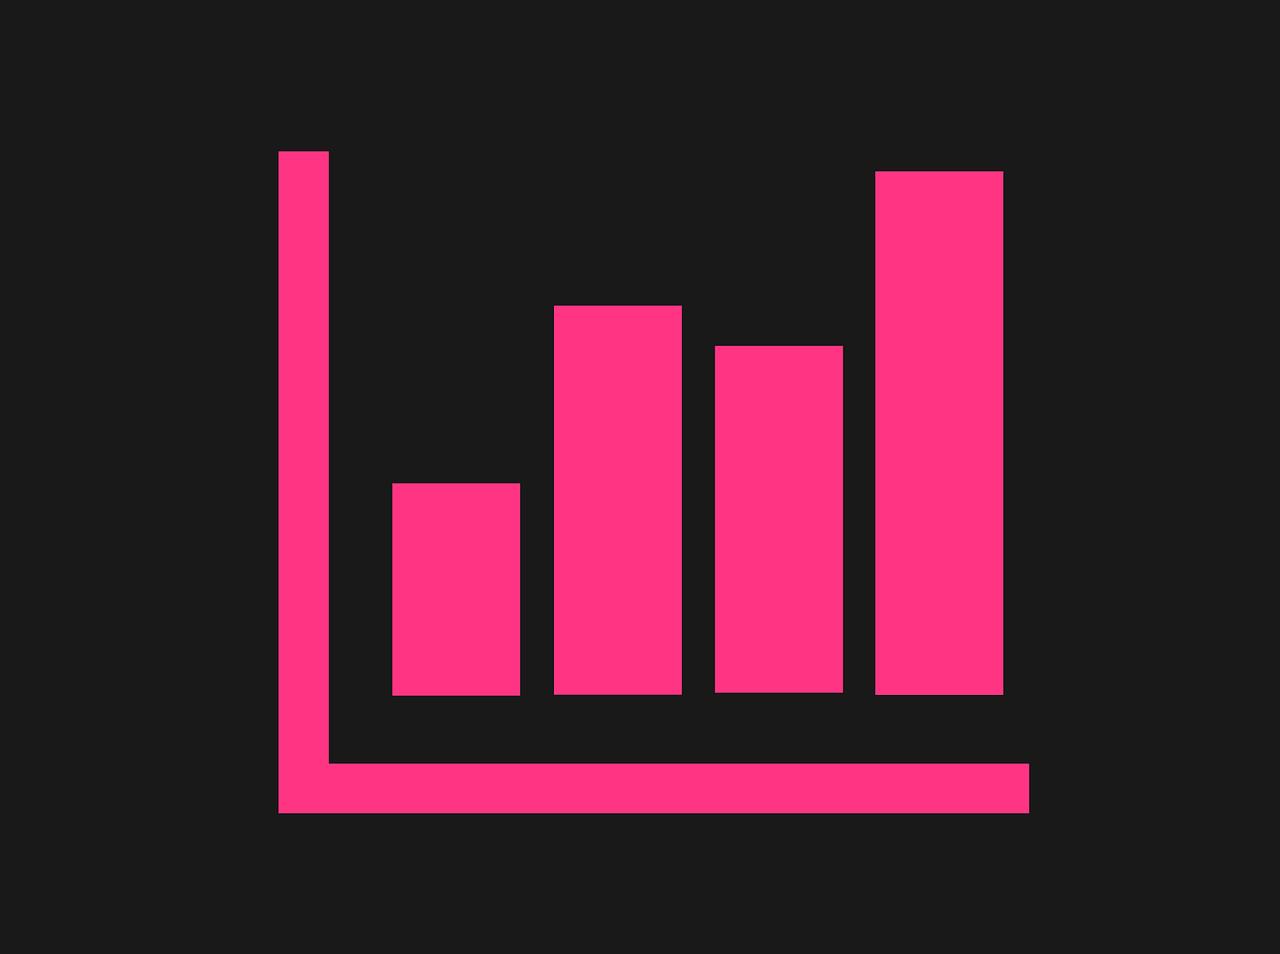 グーグルアナリティクスでLINE@内からのWEBベージ流入を計測